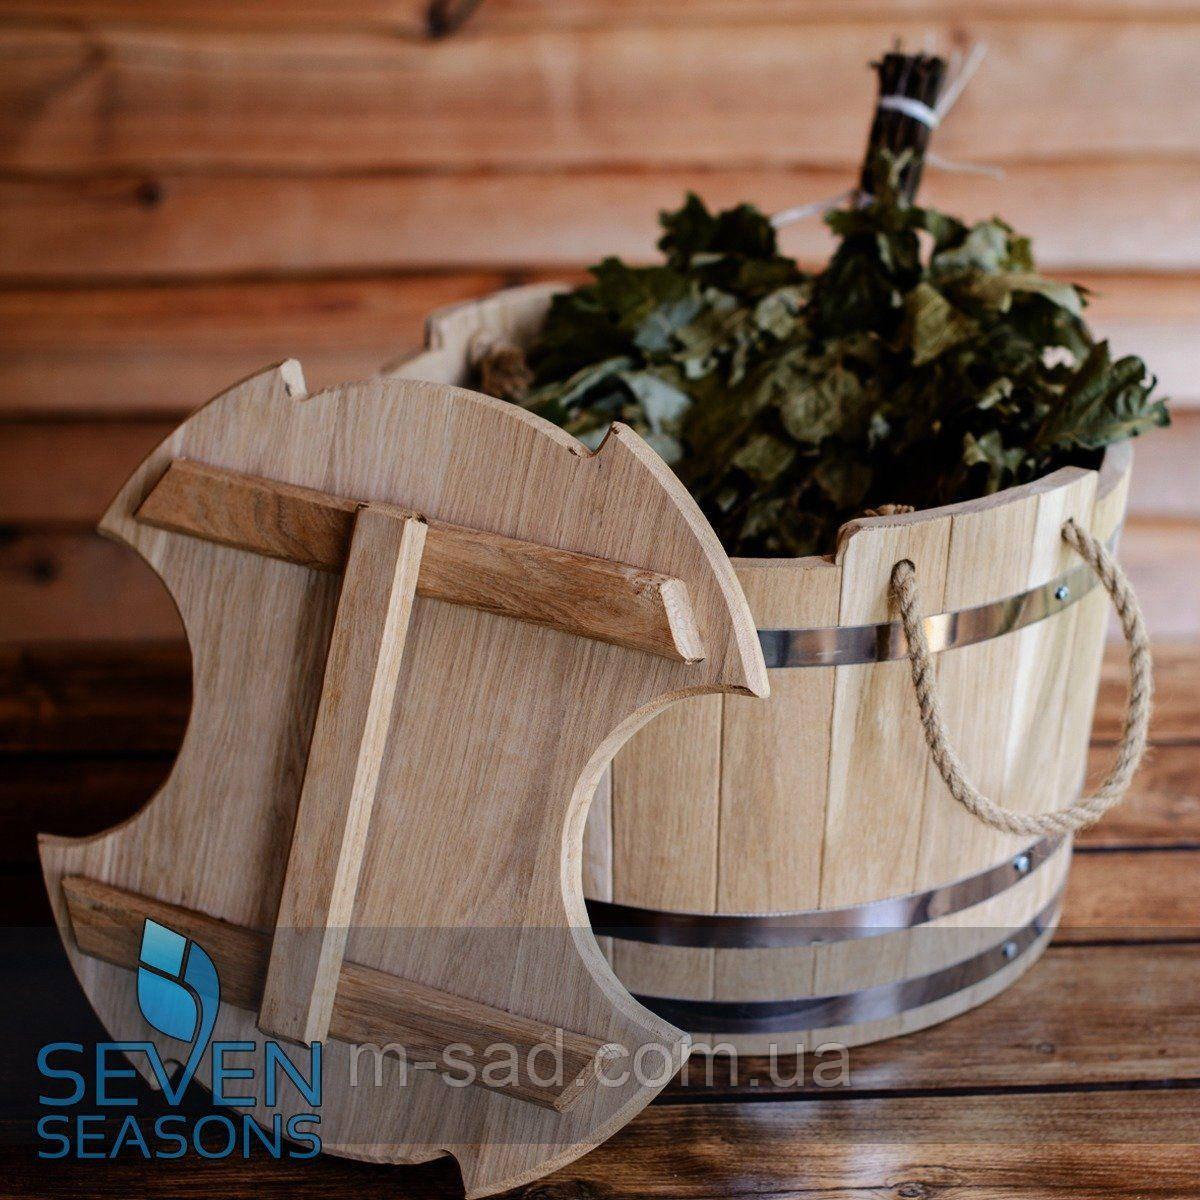 Запарник для веников дубовый Seven Seasons™, 35 литров